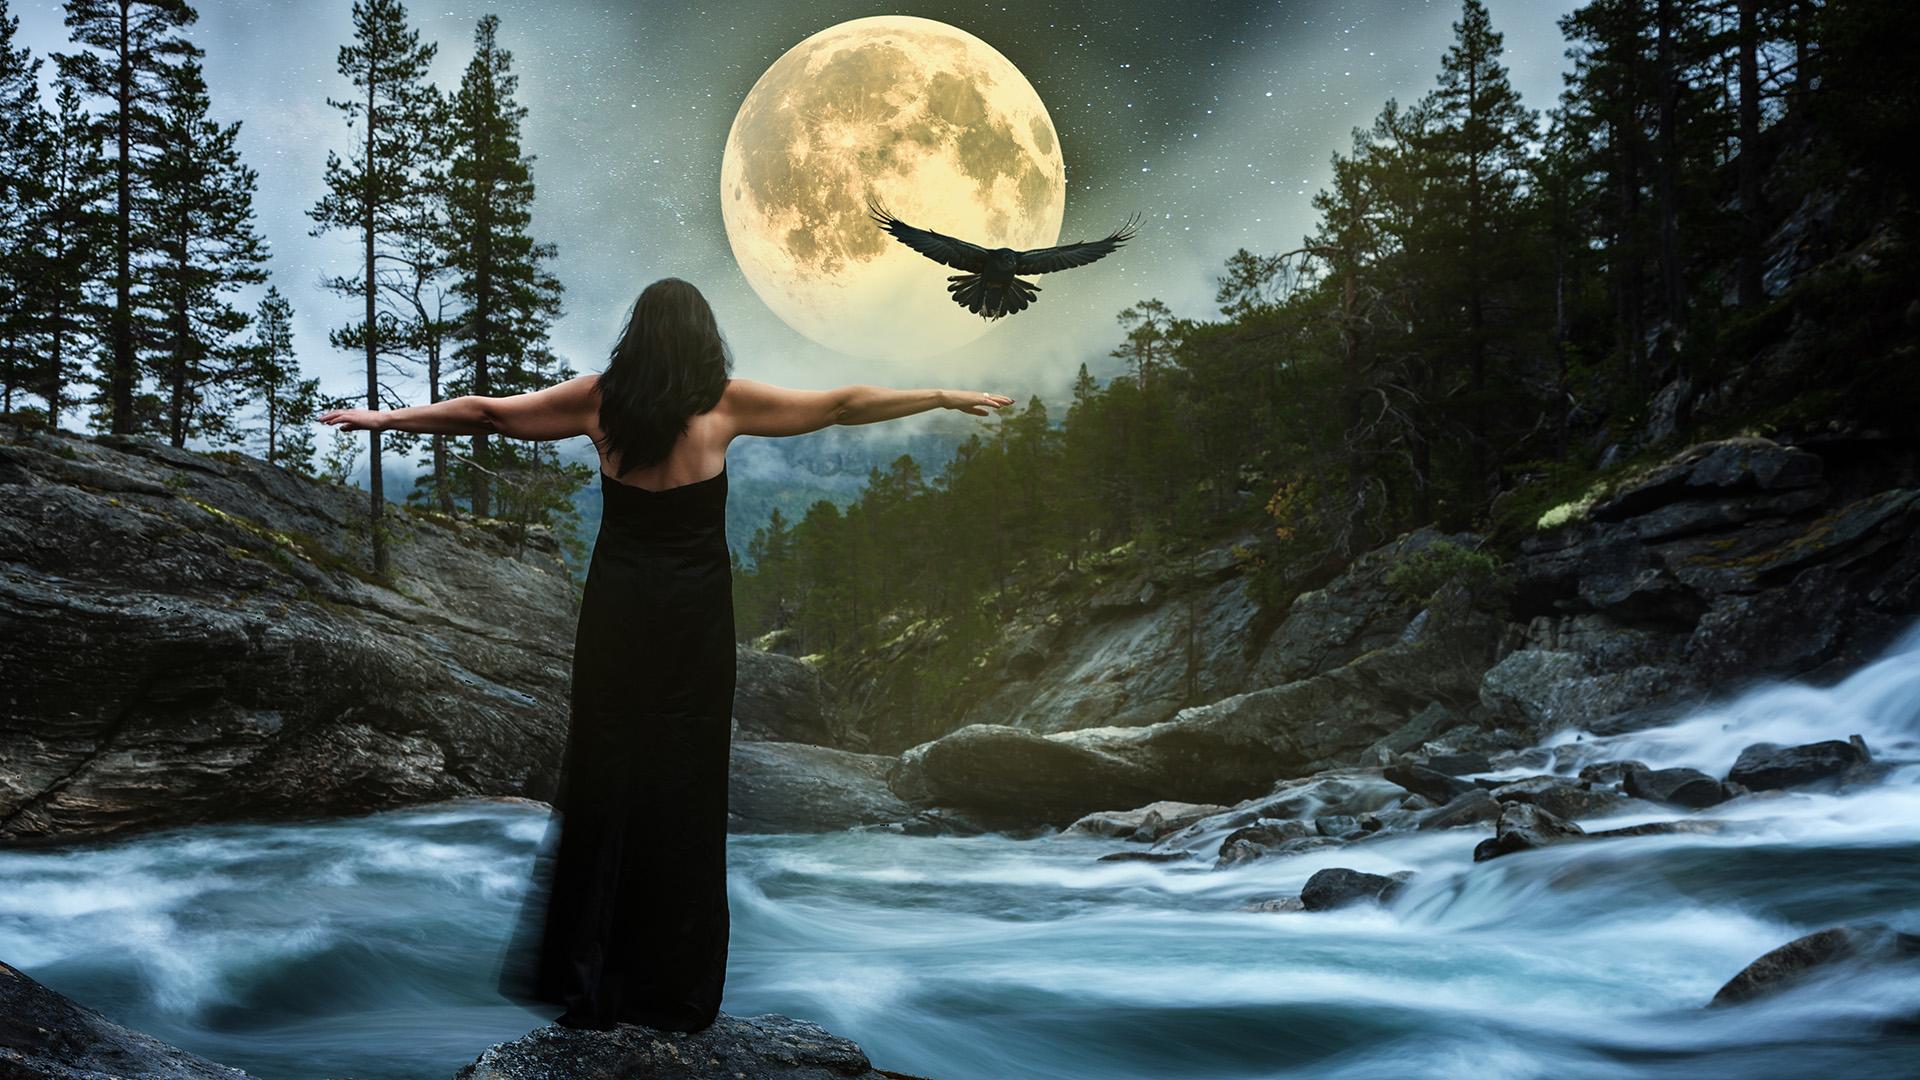 adventi időszak fagyöngycsokor gyertya iszet mágia nap napfény negatív energiák ősi kelták téli napforduló ványik dóra varázslat védelmező erő yule-ünnep